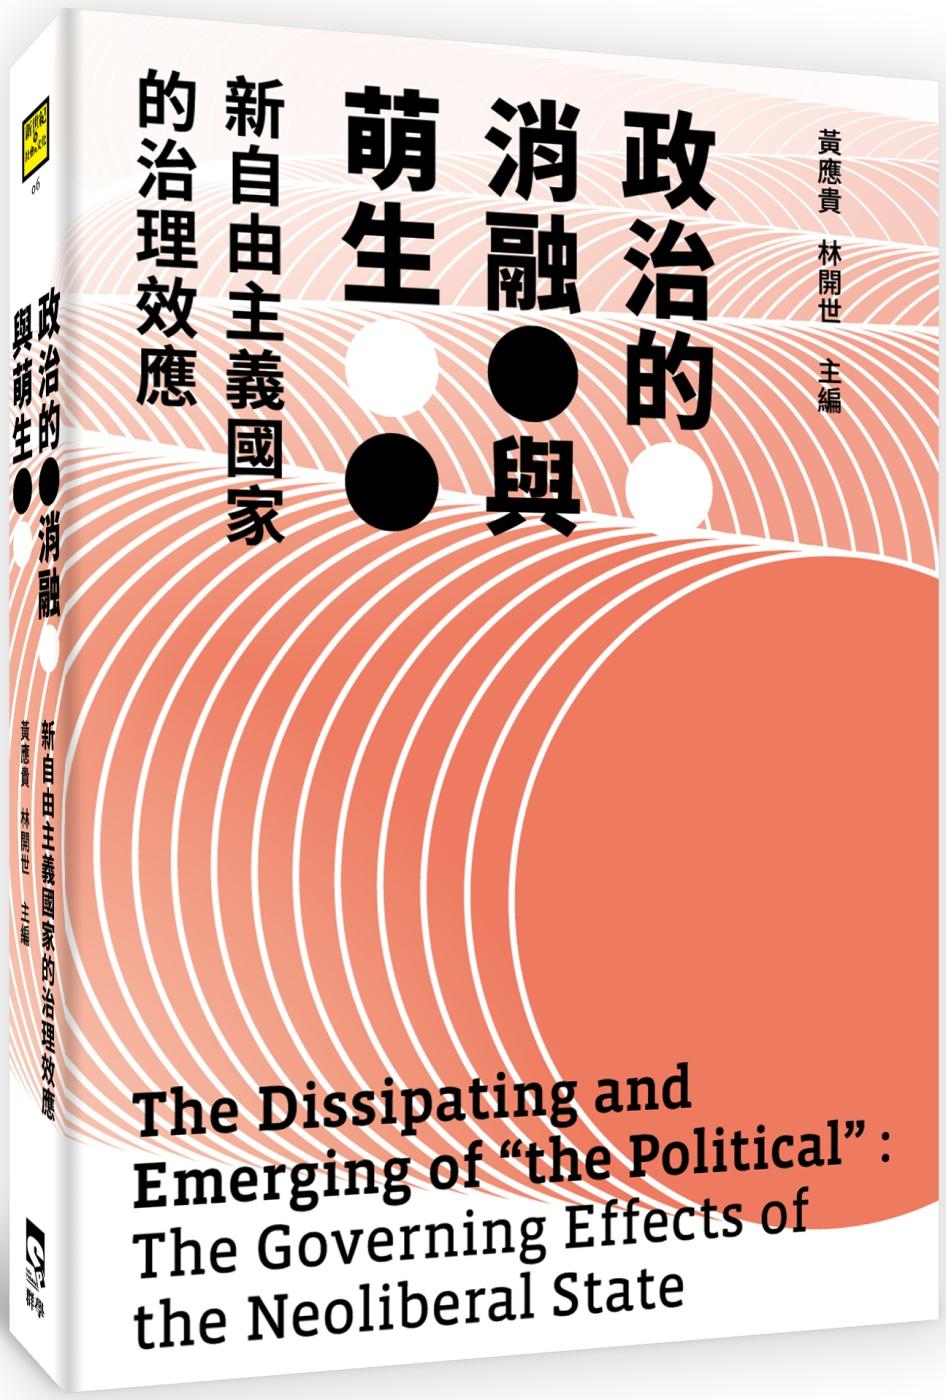 政治的消融與萌生:新自由主義國家的治理效應